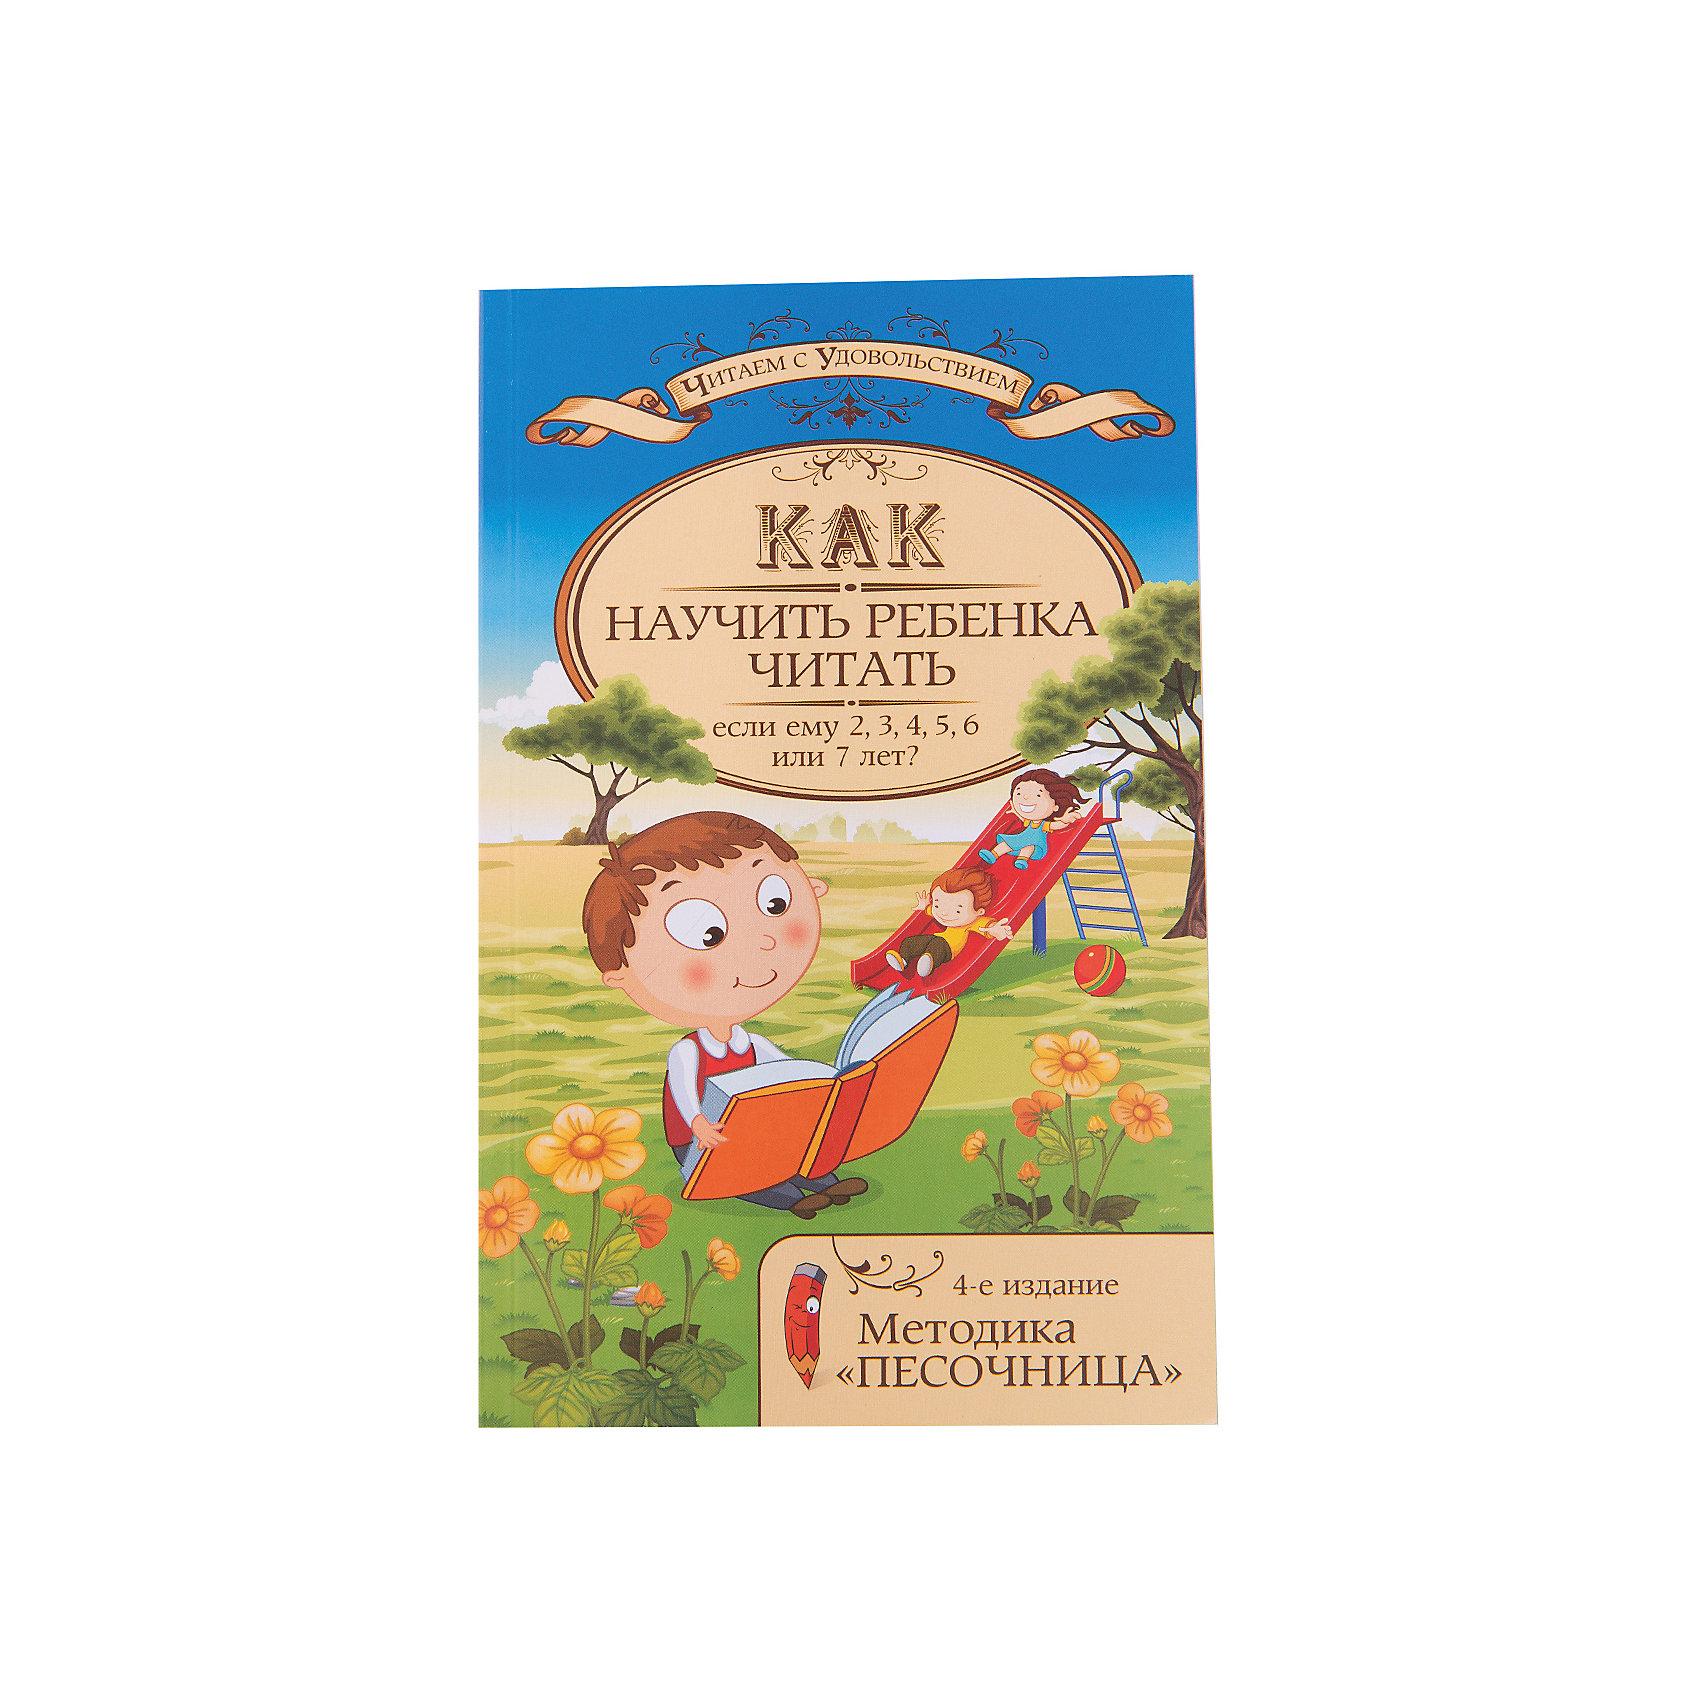 Пособие Как научить ребенка читать, если ему 2, 3, 4, 5, 6 или 7 лет?, изд. 4-еФеникс<br>Характеристики товара:<br><br>• ISBN 9785222287637<br>• возраст от 2 до 7 лет<br>• формат 200х127 мм<br>• серия «Читаем с удовольствием»<br>• издательство Феникс<br>• автор Знатнова Ирина<br>• переплет: мягкий<br>• количество страниц 155<br>• год выпуска 2017<br>• размер 20х12,7х0,8 см<br><br>Пособие «Как научить ребенка читать, если ему 2, 3, 4, 5, 6 или 7 лет?» поможет родителям научить ребенка читать самостоятельно. Оно описывает методику «Песочница» для обучения детей чтению, содержит игры, задания на чтение, сказки.<br><br>Пособие «Как научить ребенка читать, если ему 2, 3, 4, 5, 6 или 7 лет?» издание 4-е можно приобрести в нашем интернет-магазине.<br><br>Ширина мм: 80<br>Глубина мм: 127<br>Высота мм: 200<br>Вес г: 135<br>Возраст от месяцев: -2147483648<br>Возраст до месяцев: 2147483647<br>Пол: Унисекс<br>Возраст: Детский<br>SKU: 5501012